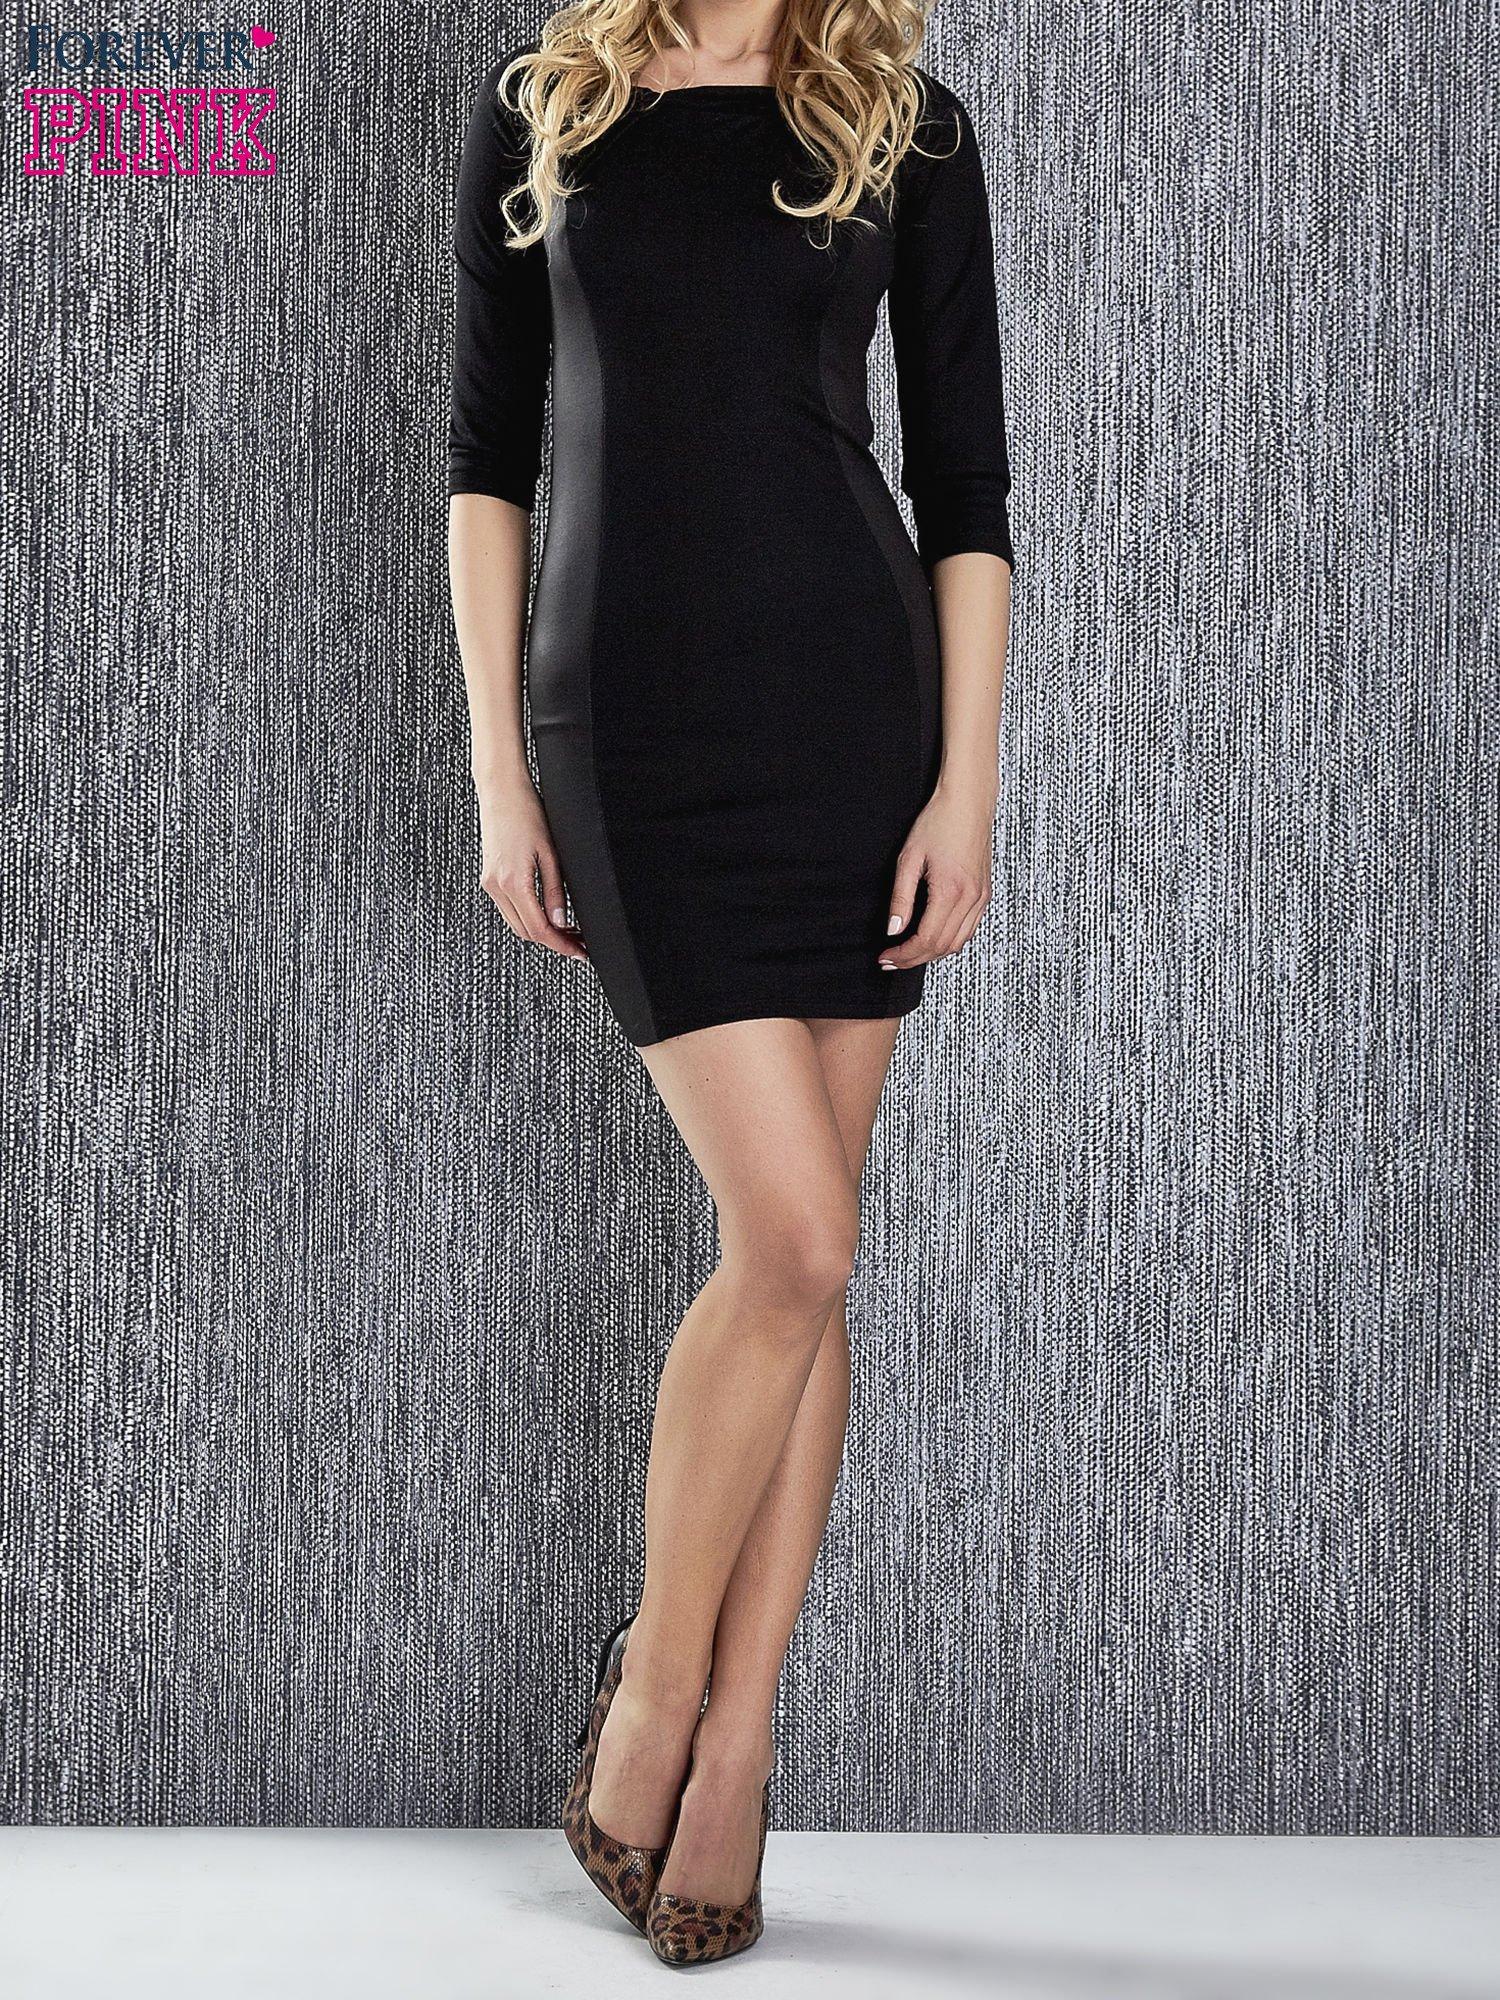 Czarna sukienka tuba ze skórzanymi modułami                                  zdj.                                  1